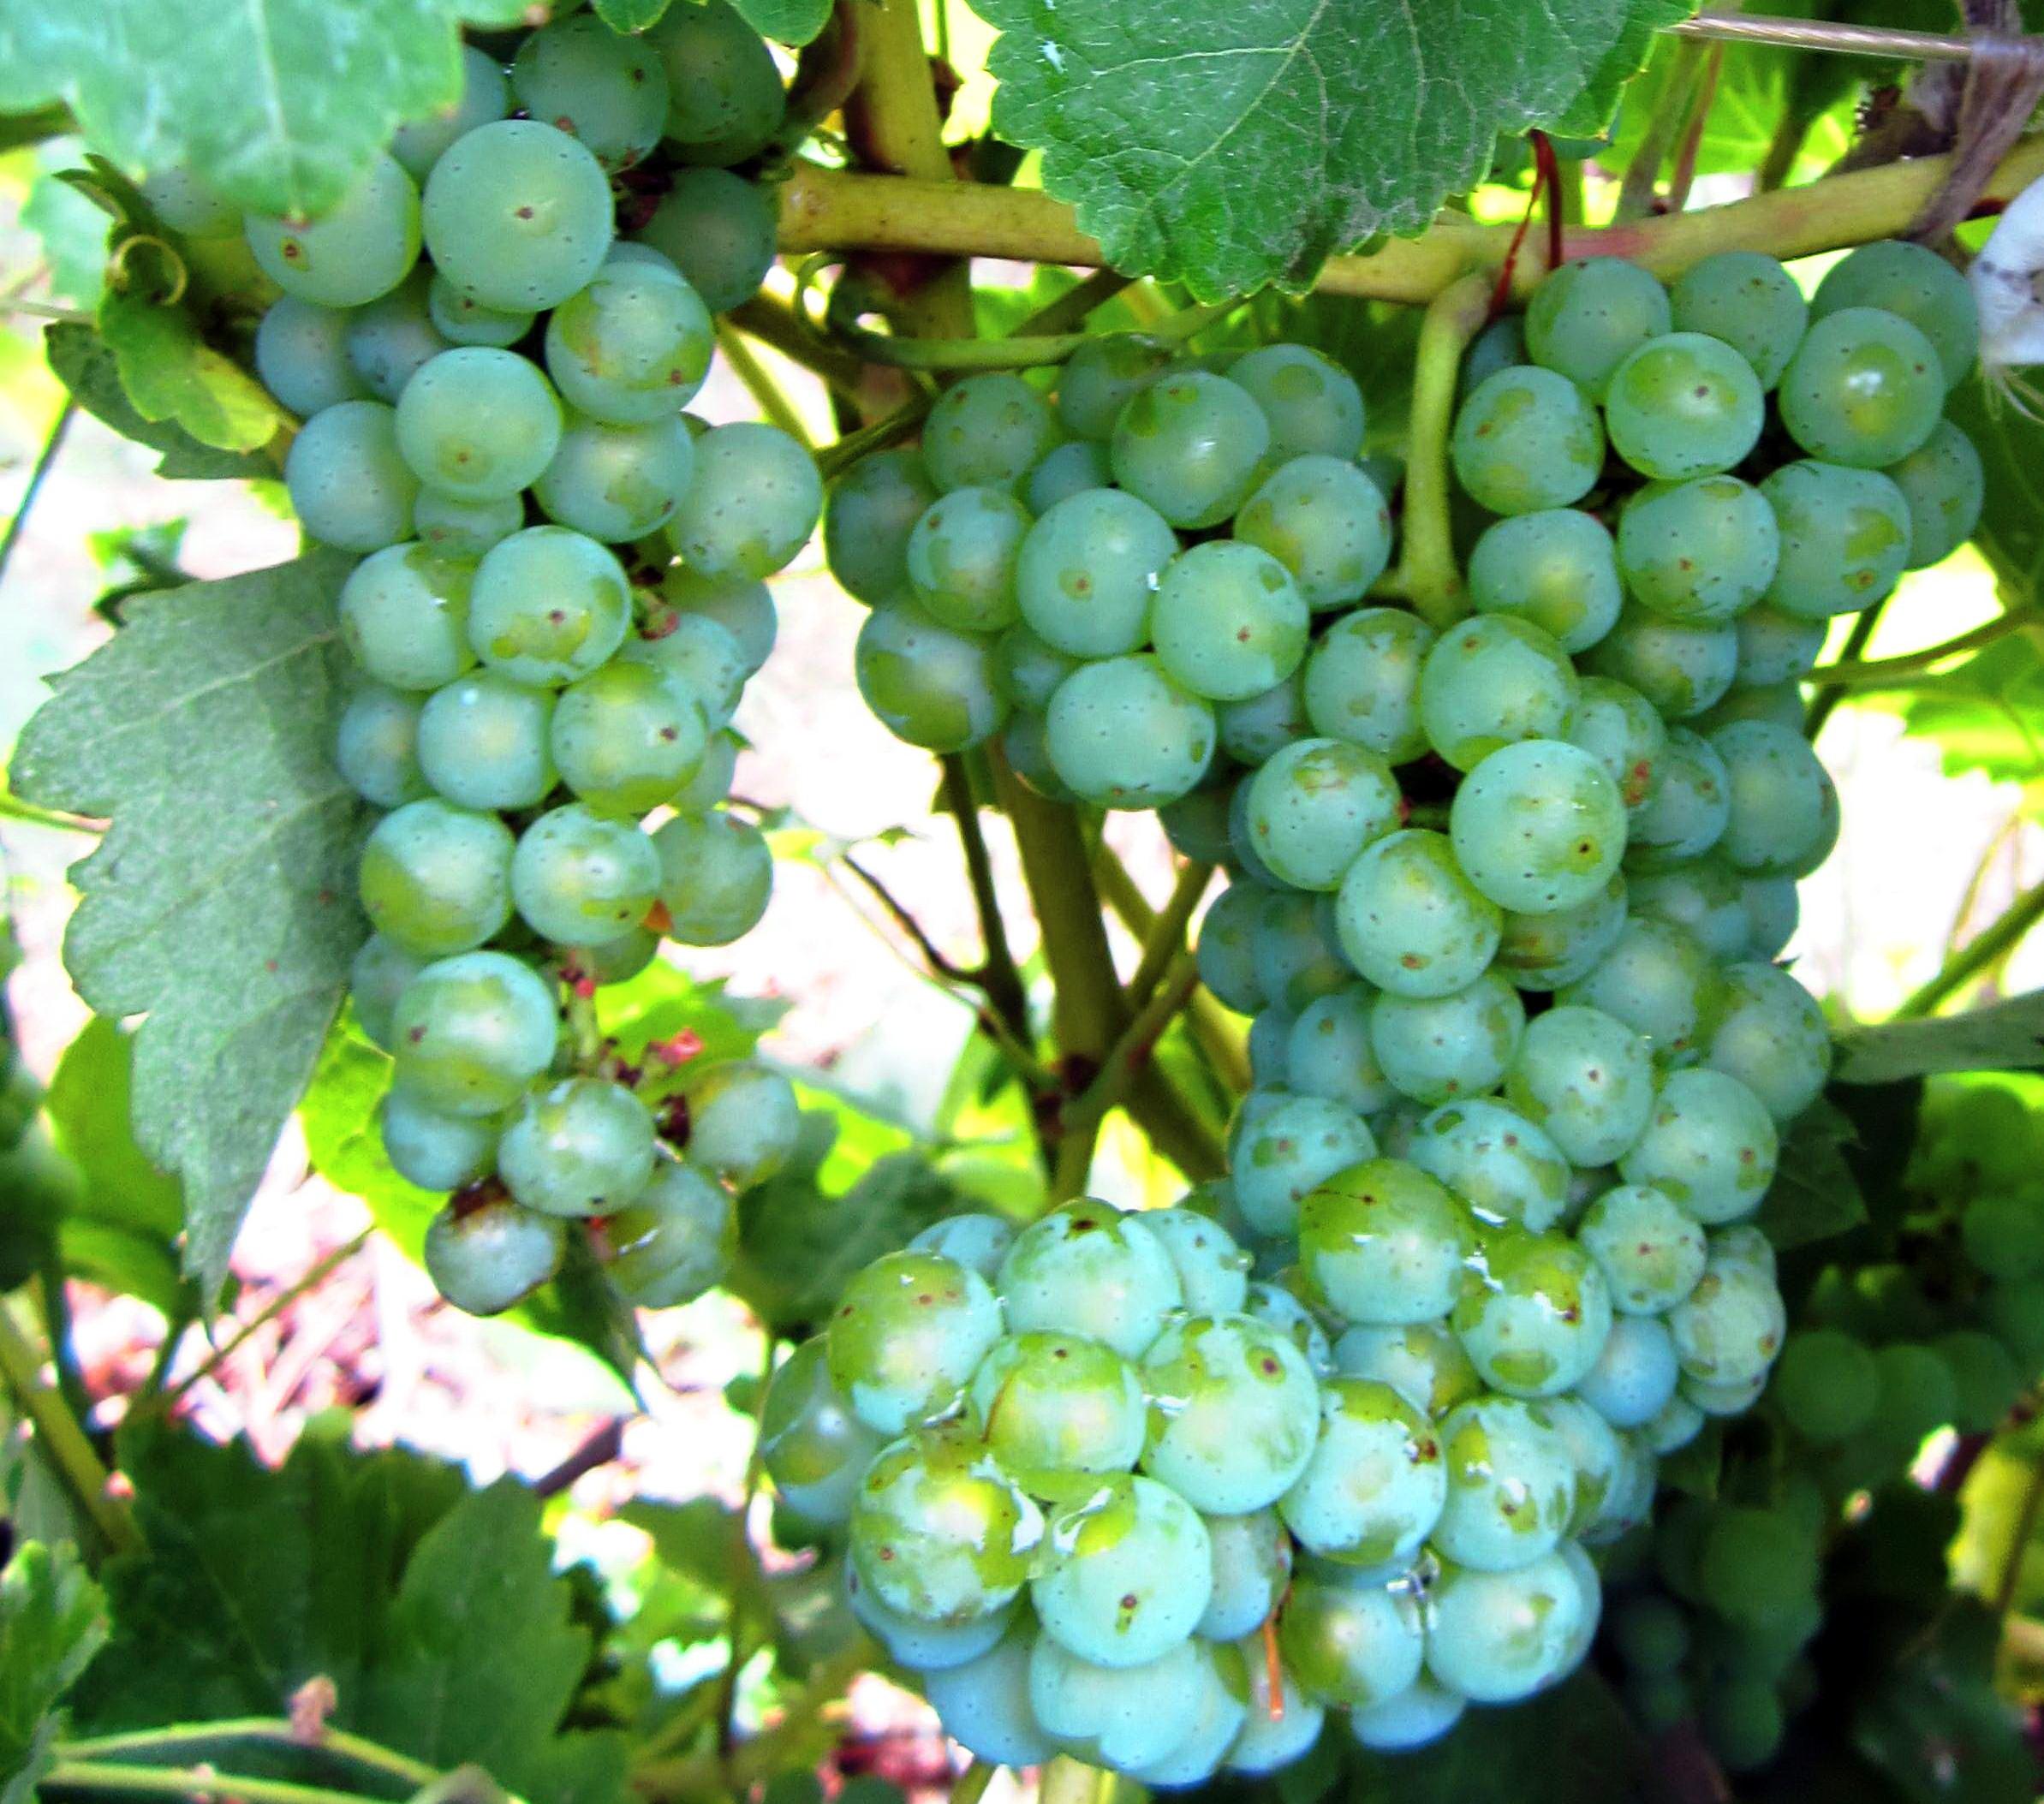 Виноград ливия: описание и характеристика раннего сорта с высокими вкусовыми характеристиками